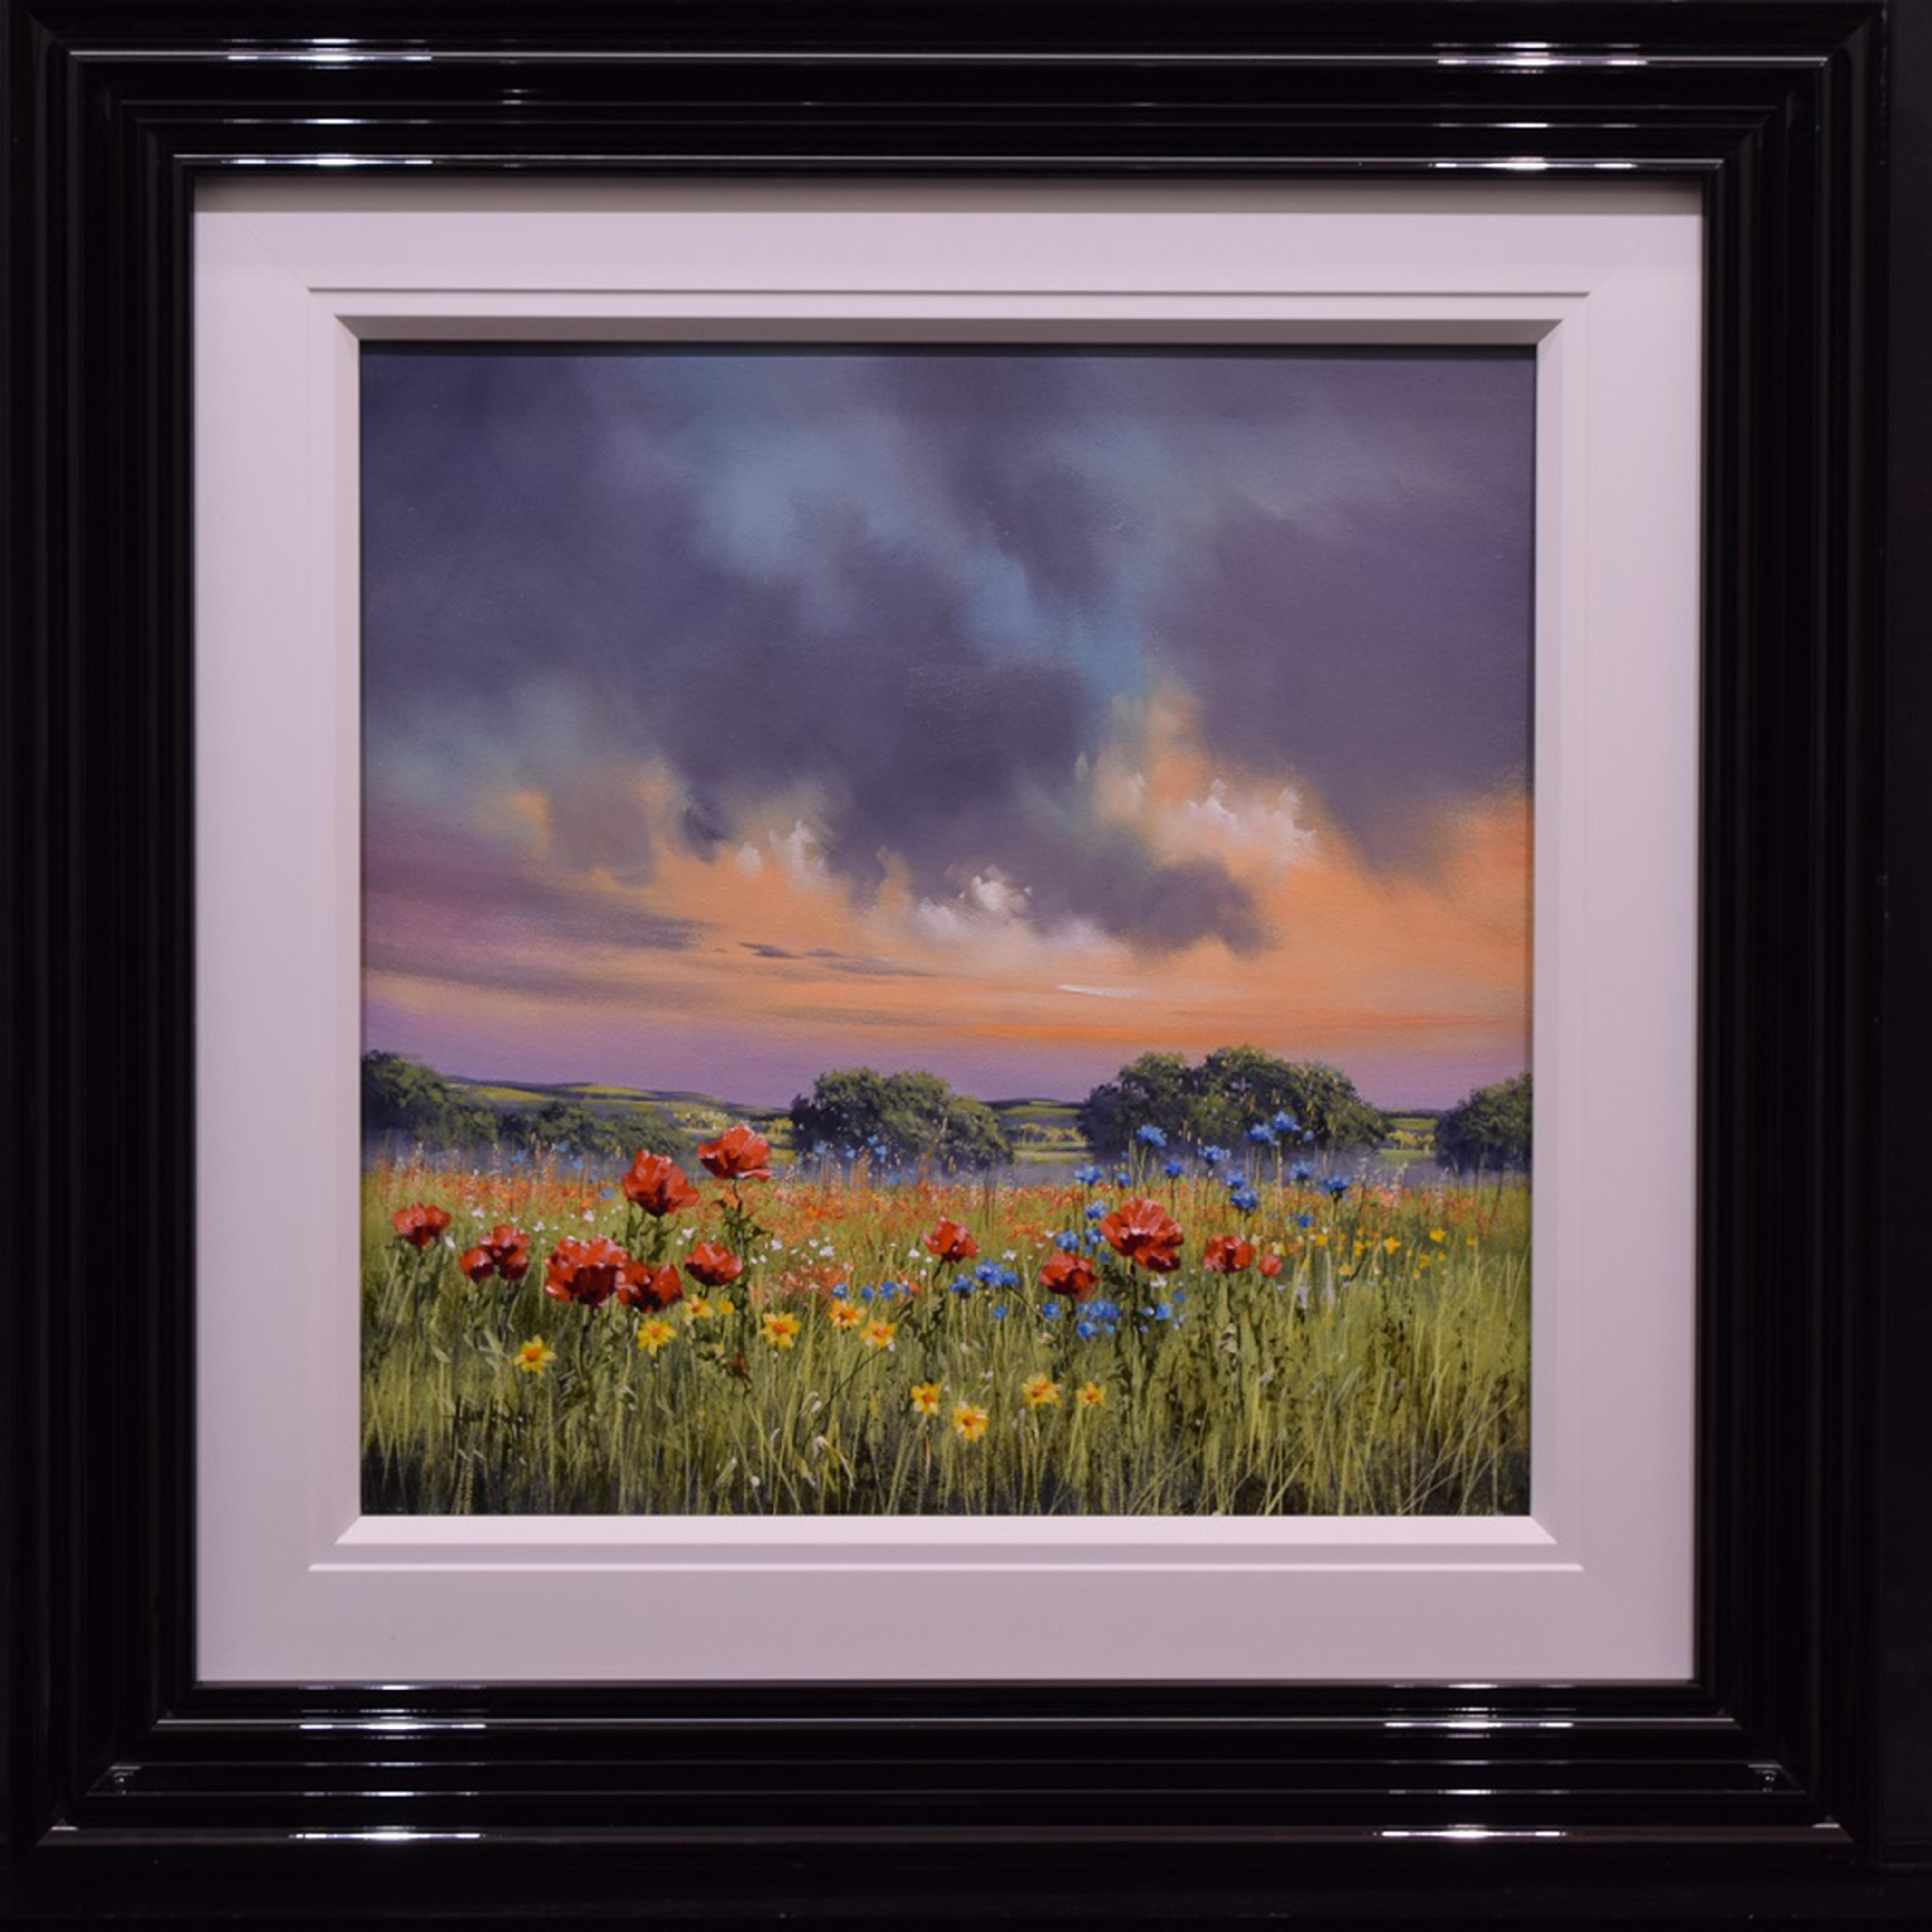 Blooms at Dusk by Allan Morgan